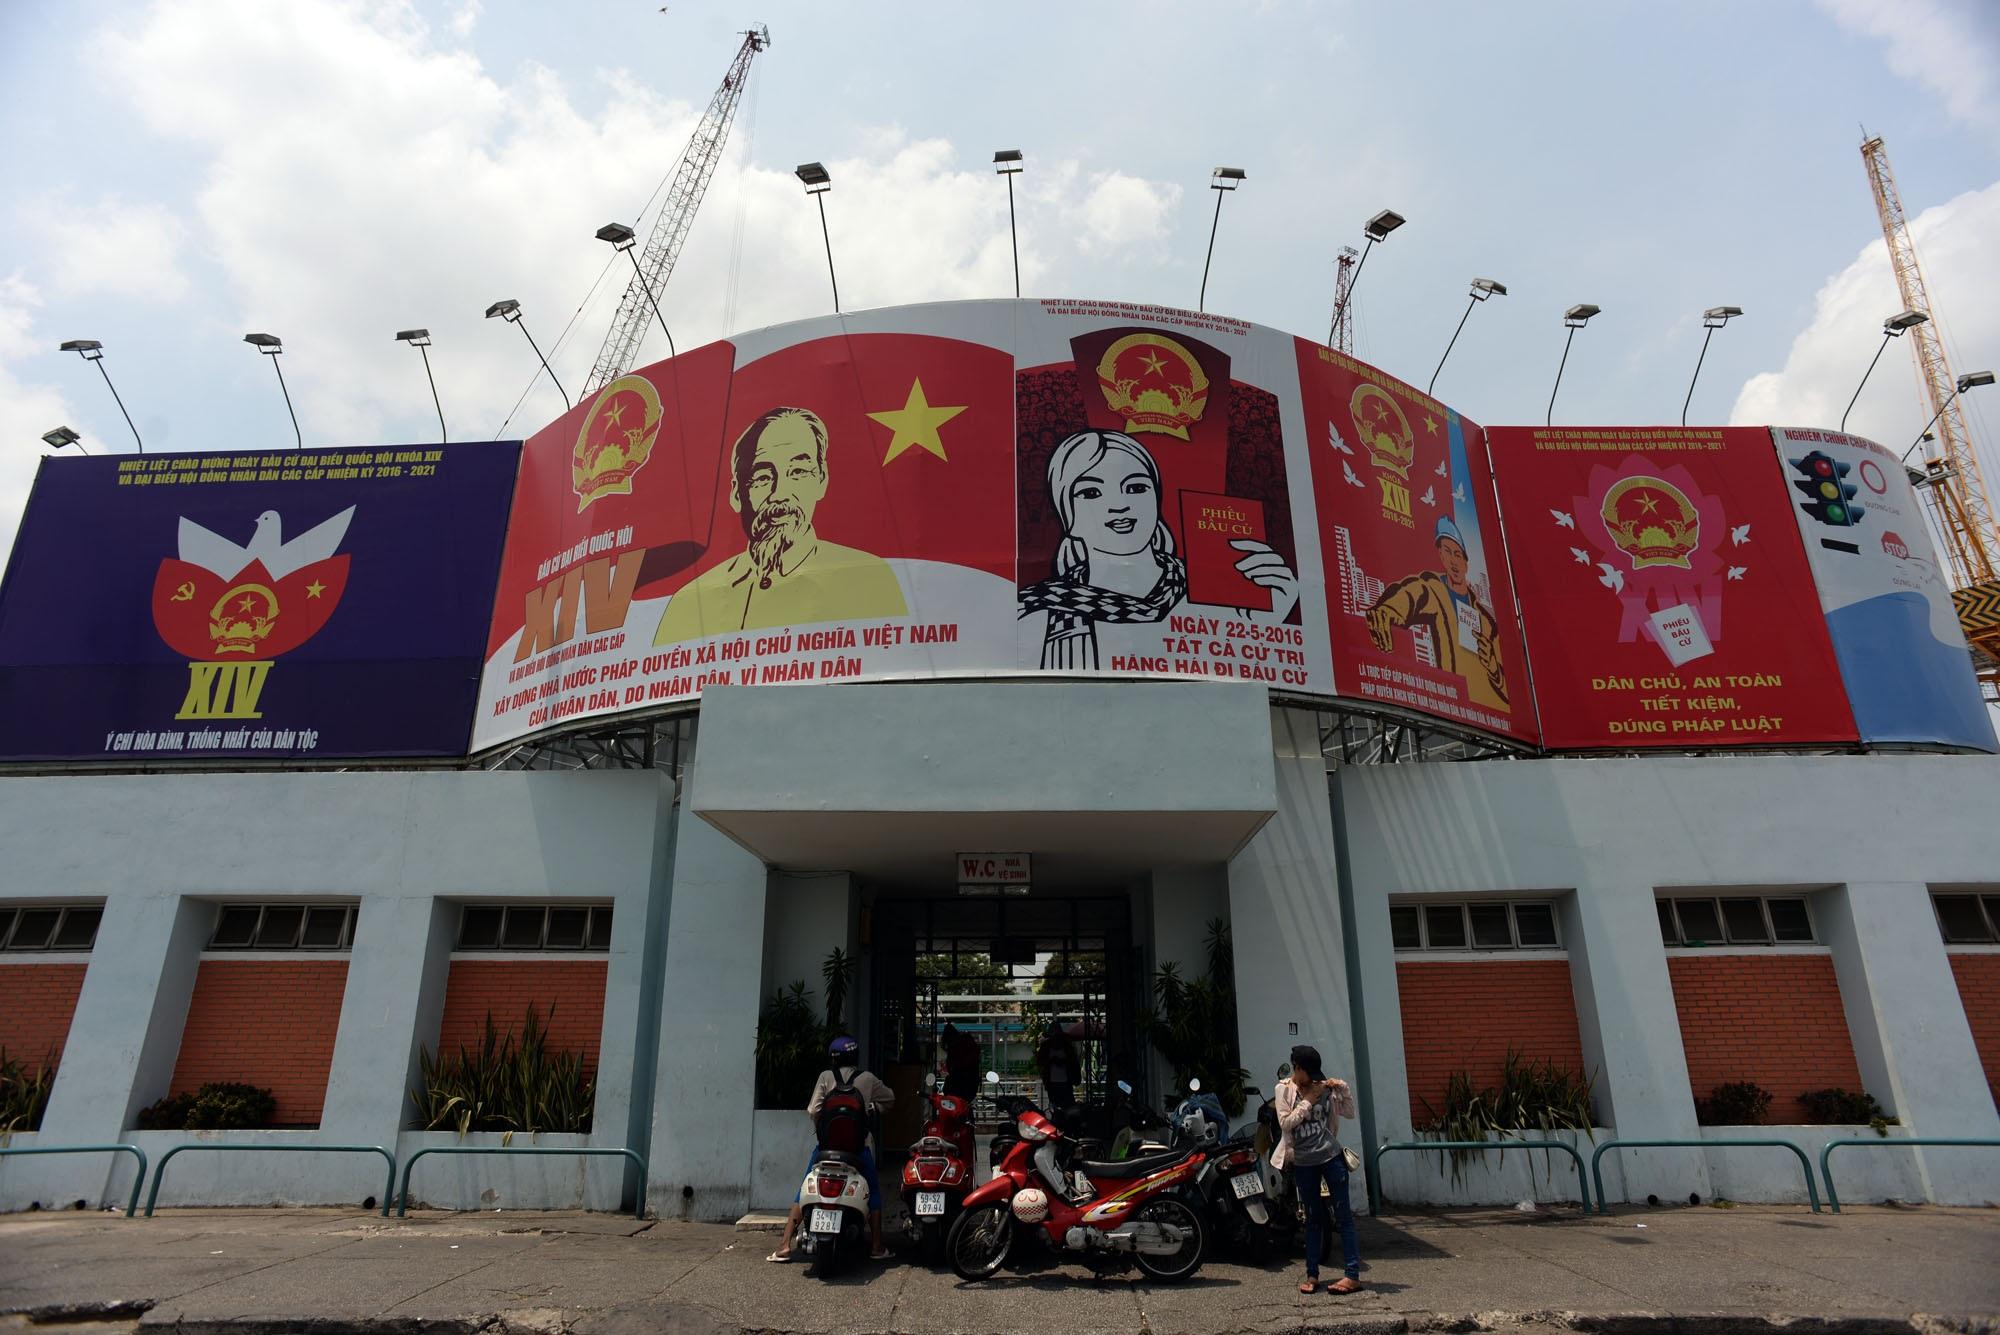 """Những khẩu hiệu bầu cử như """"an toàn, dân chủ, tiết kiệm"""" được treo trang trọng trên đường phố"""